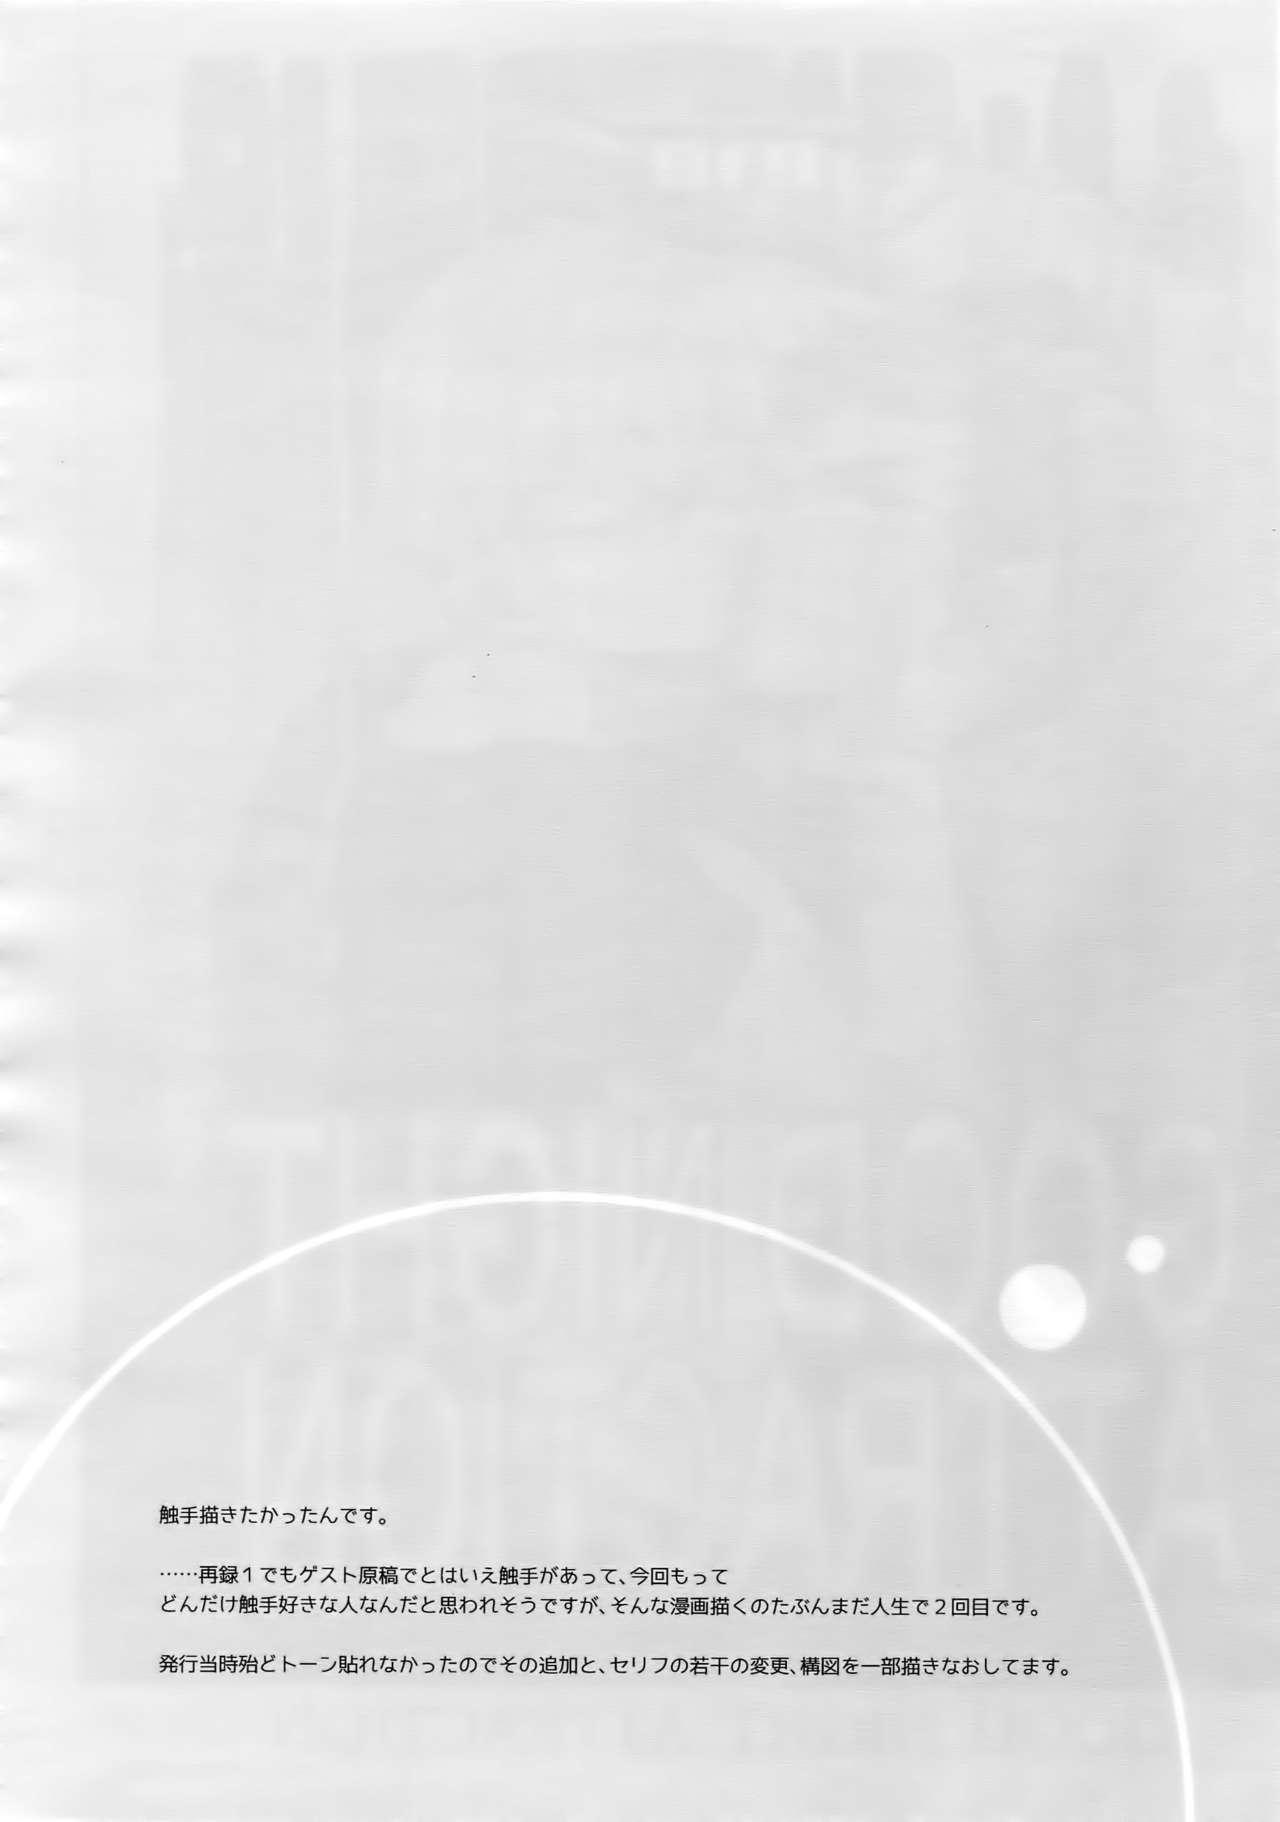 [Bakuchi Jinsei SP (Satsuki Fumi)] Kanpeki Kareshi to Zettai Ryouiki Ouji-sama - Another Version - (Kuroko no Basket) 110